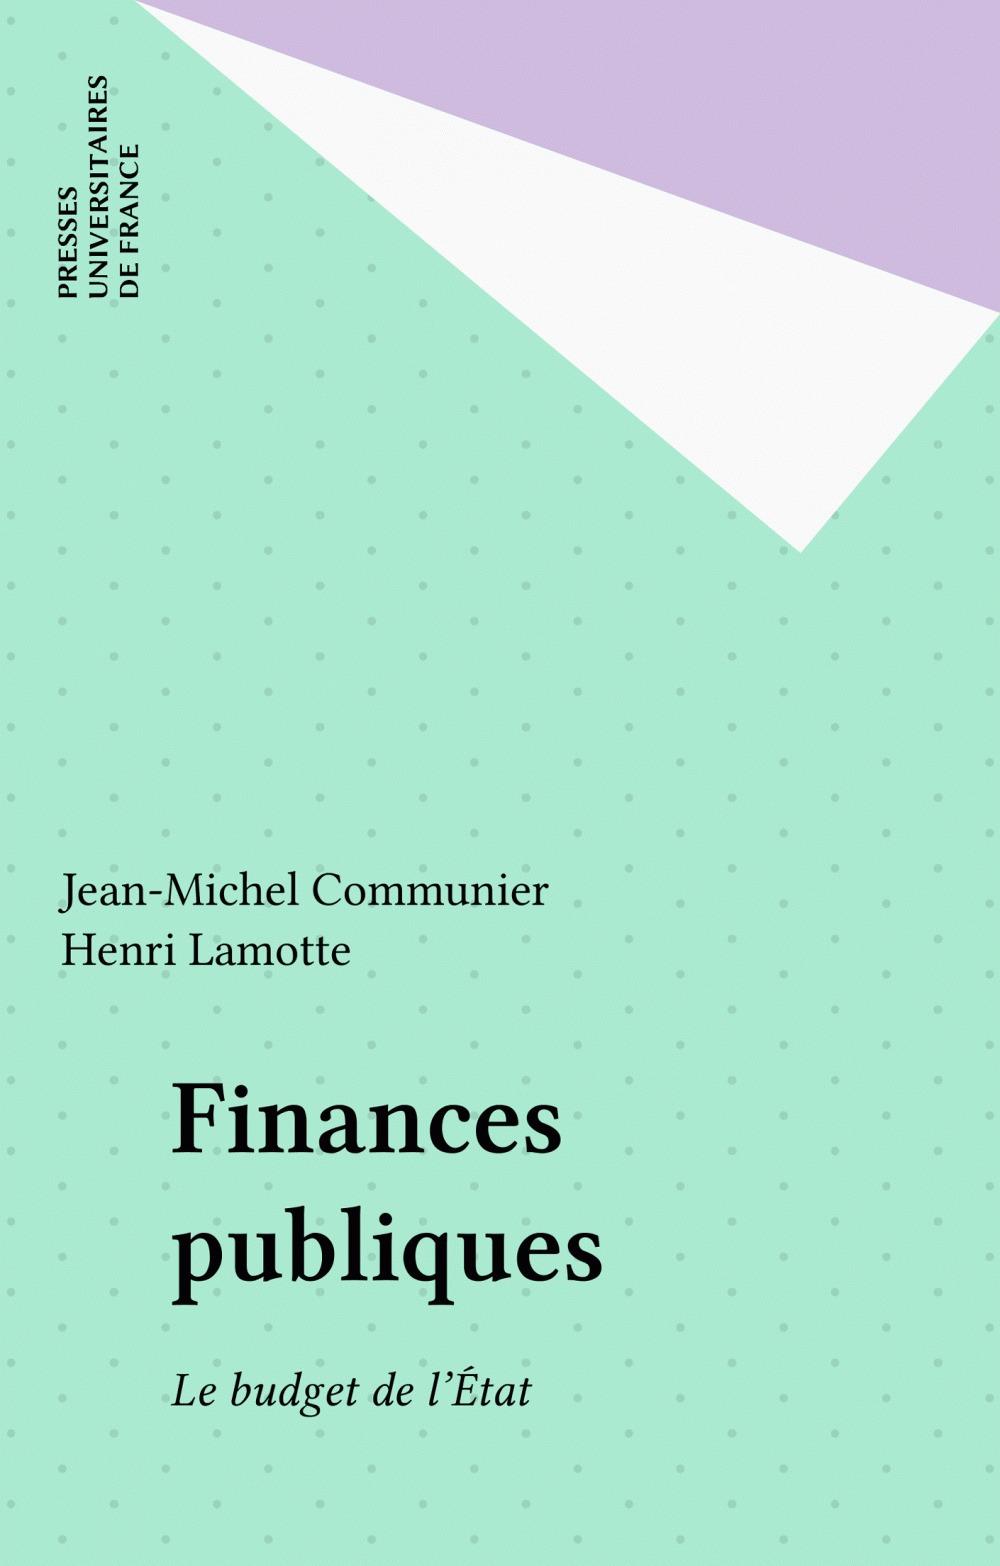 Jean-Michel Communier Finances publiques